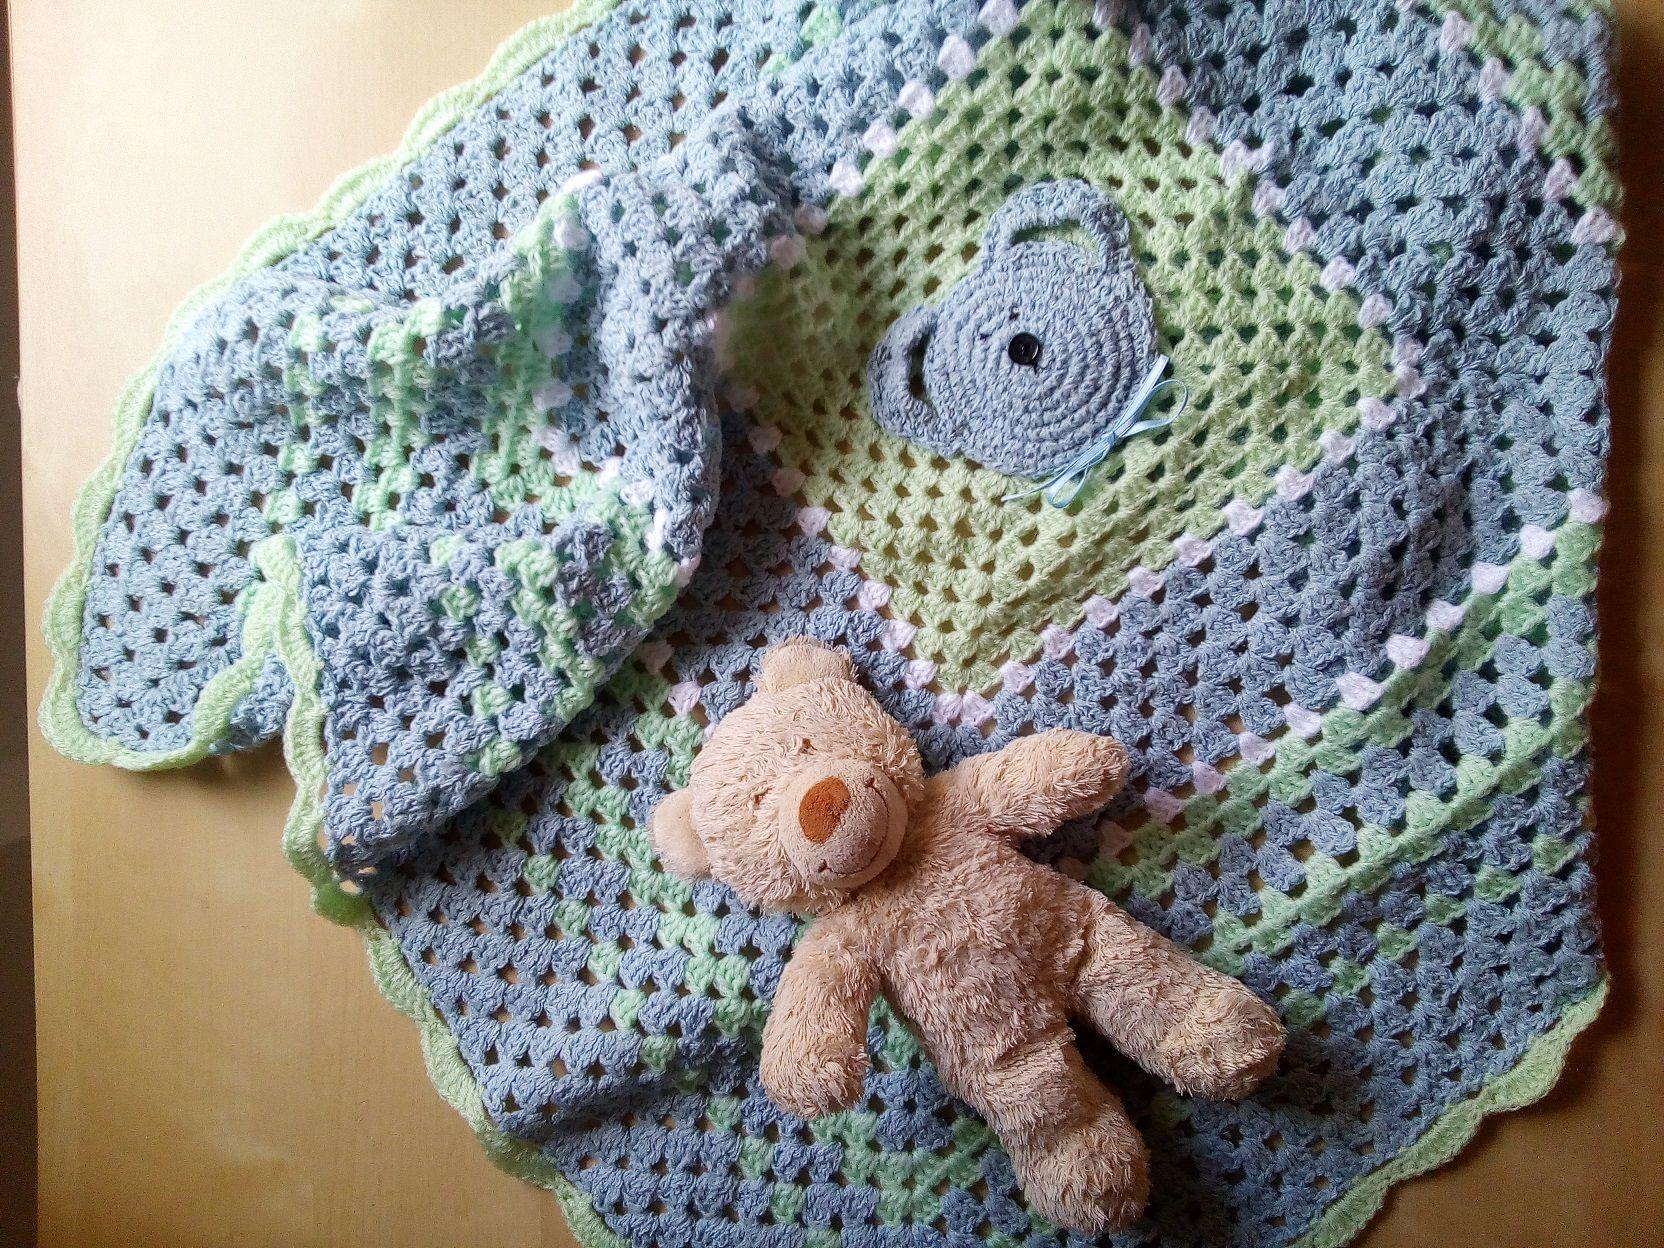 copertina lana orsetto baby neonato uncinetto azzurro verde e bianco -  regalo nascita copertina culla carrozzina pura lana merino € 45 bce10e2582bb